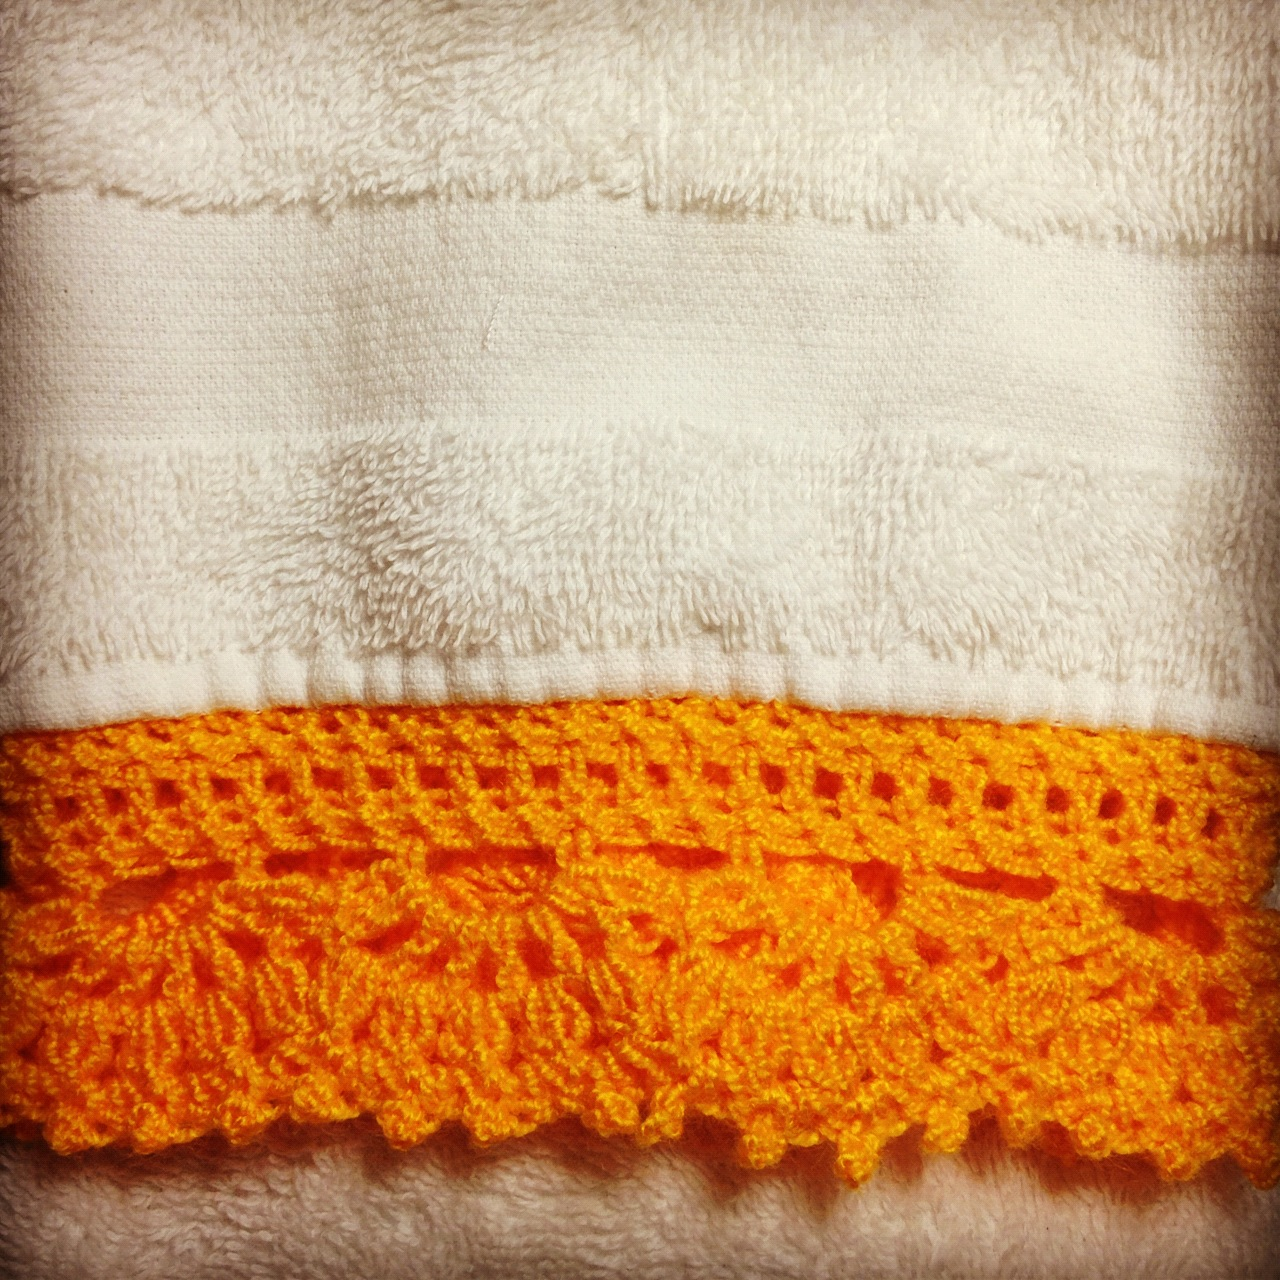 Excelente Patrón Toalla Crochet Elaboración - Manta de Tejer Patrón ...